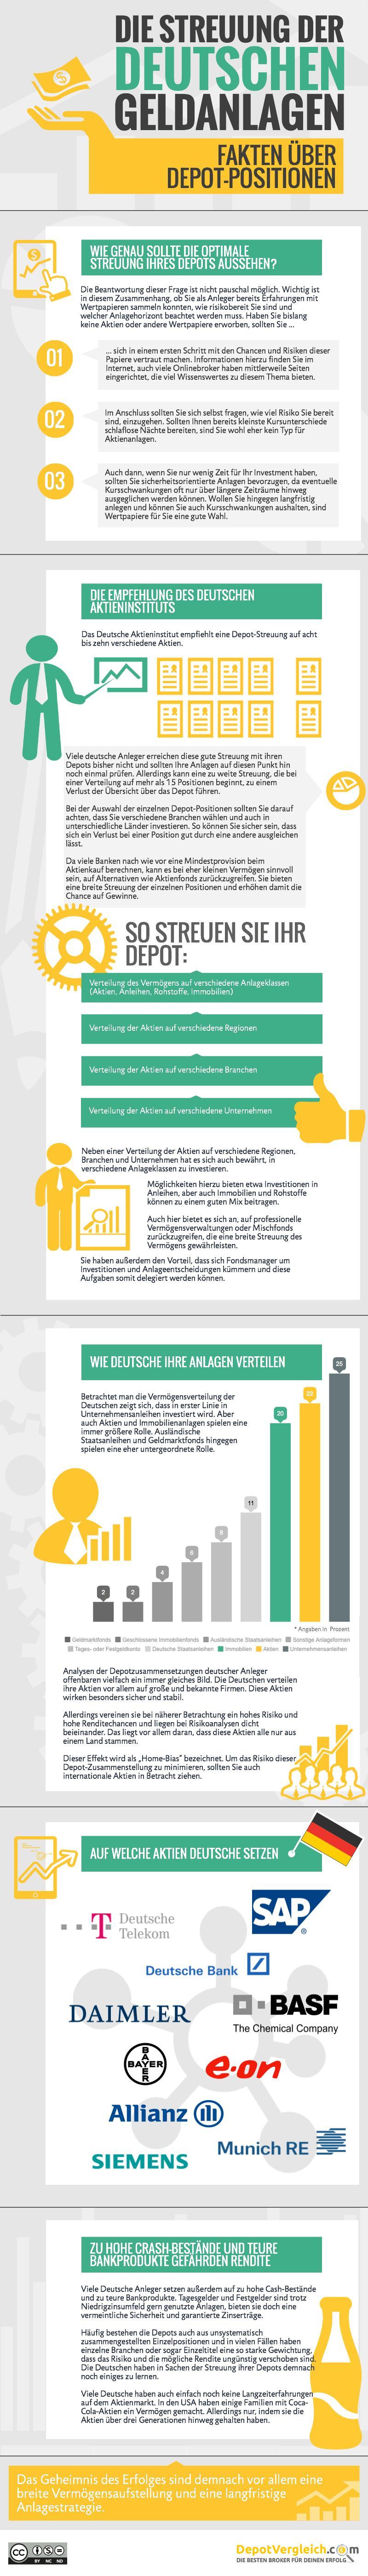 Streuung deutscher Geldanlagen